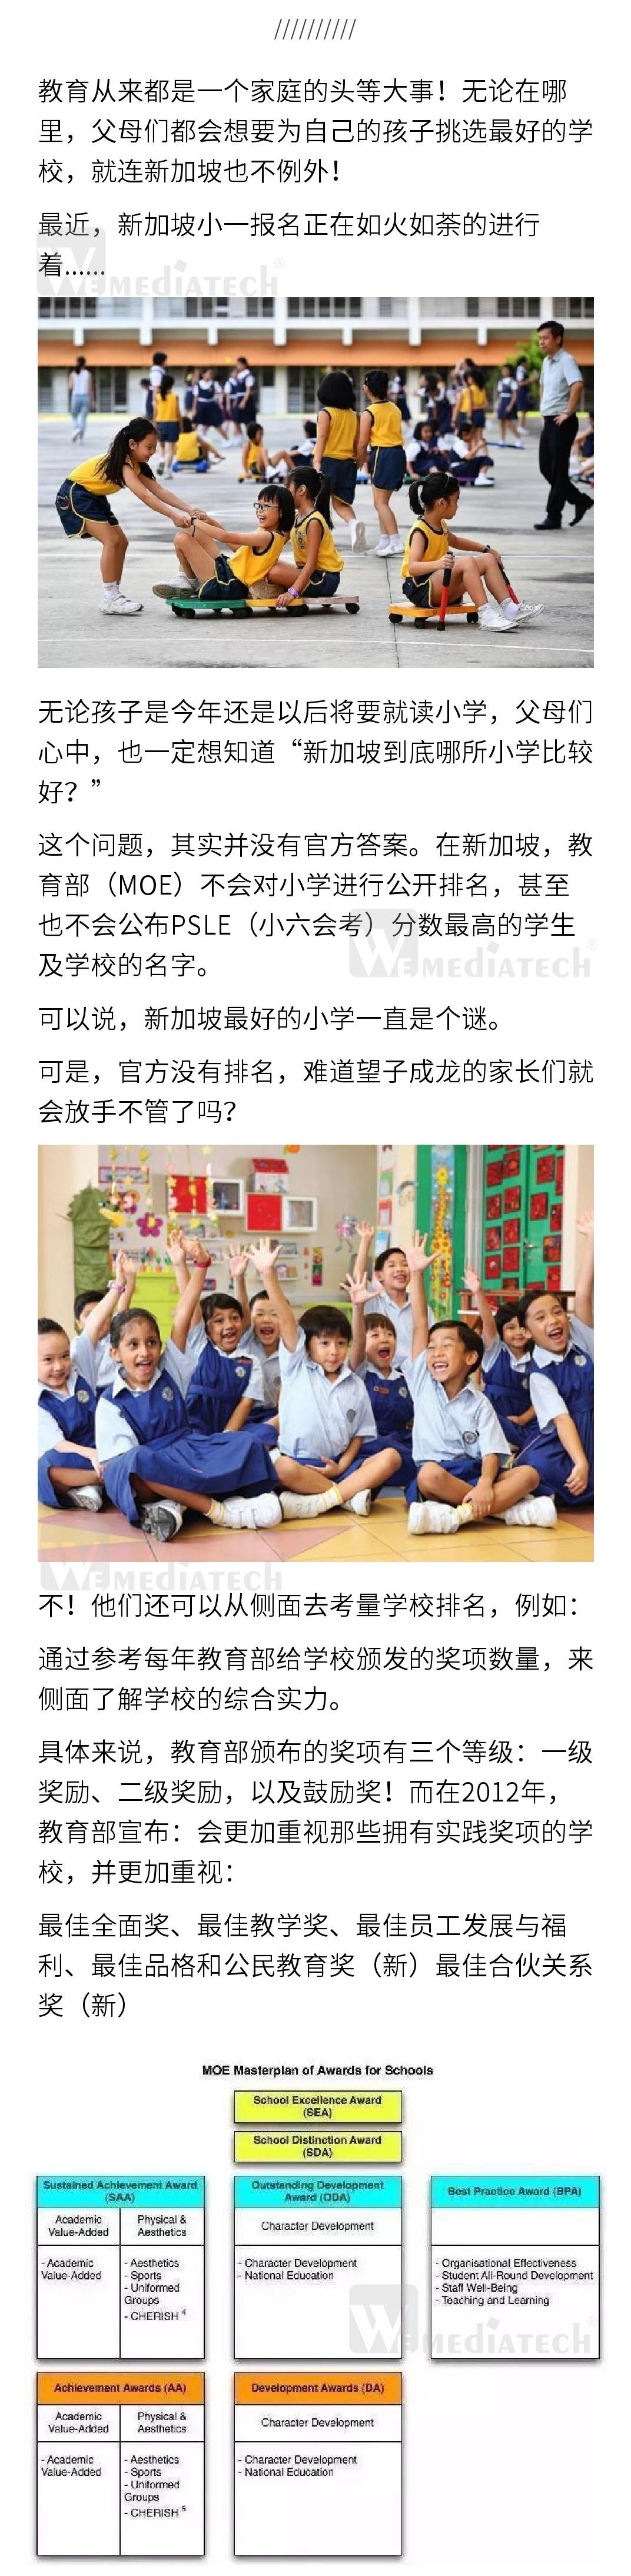 新加坡小学1 - 副本.jpg